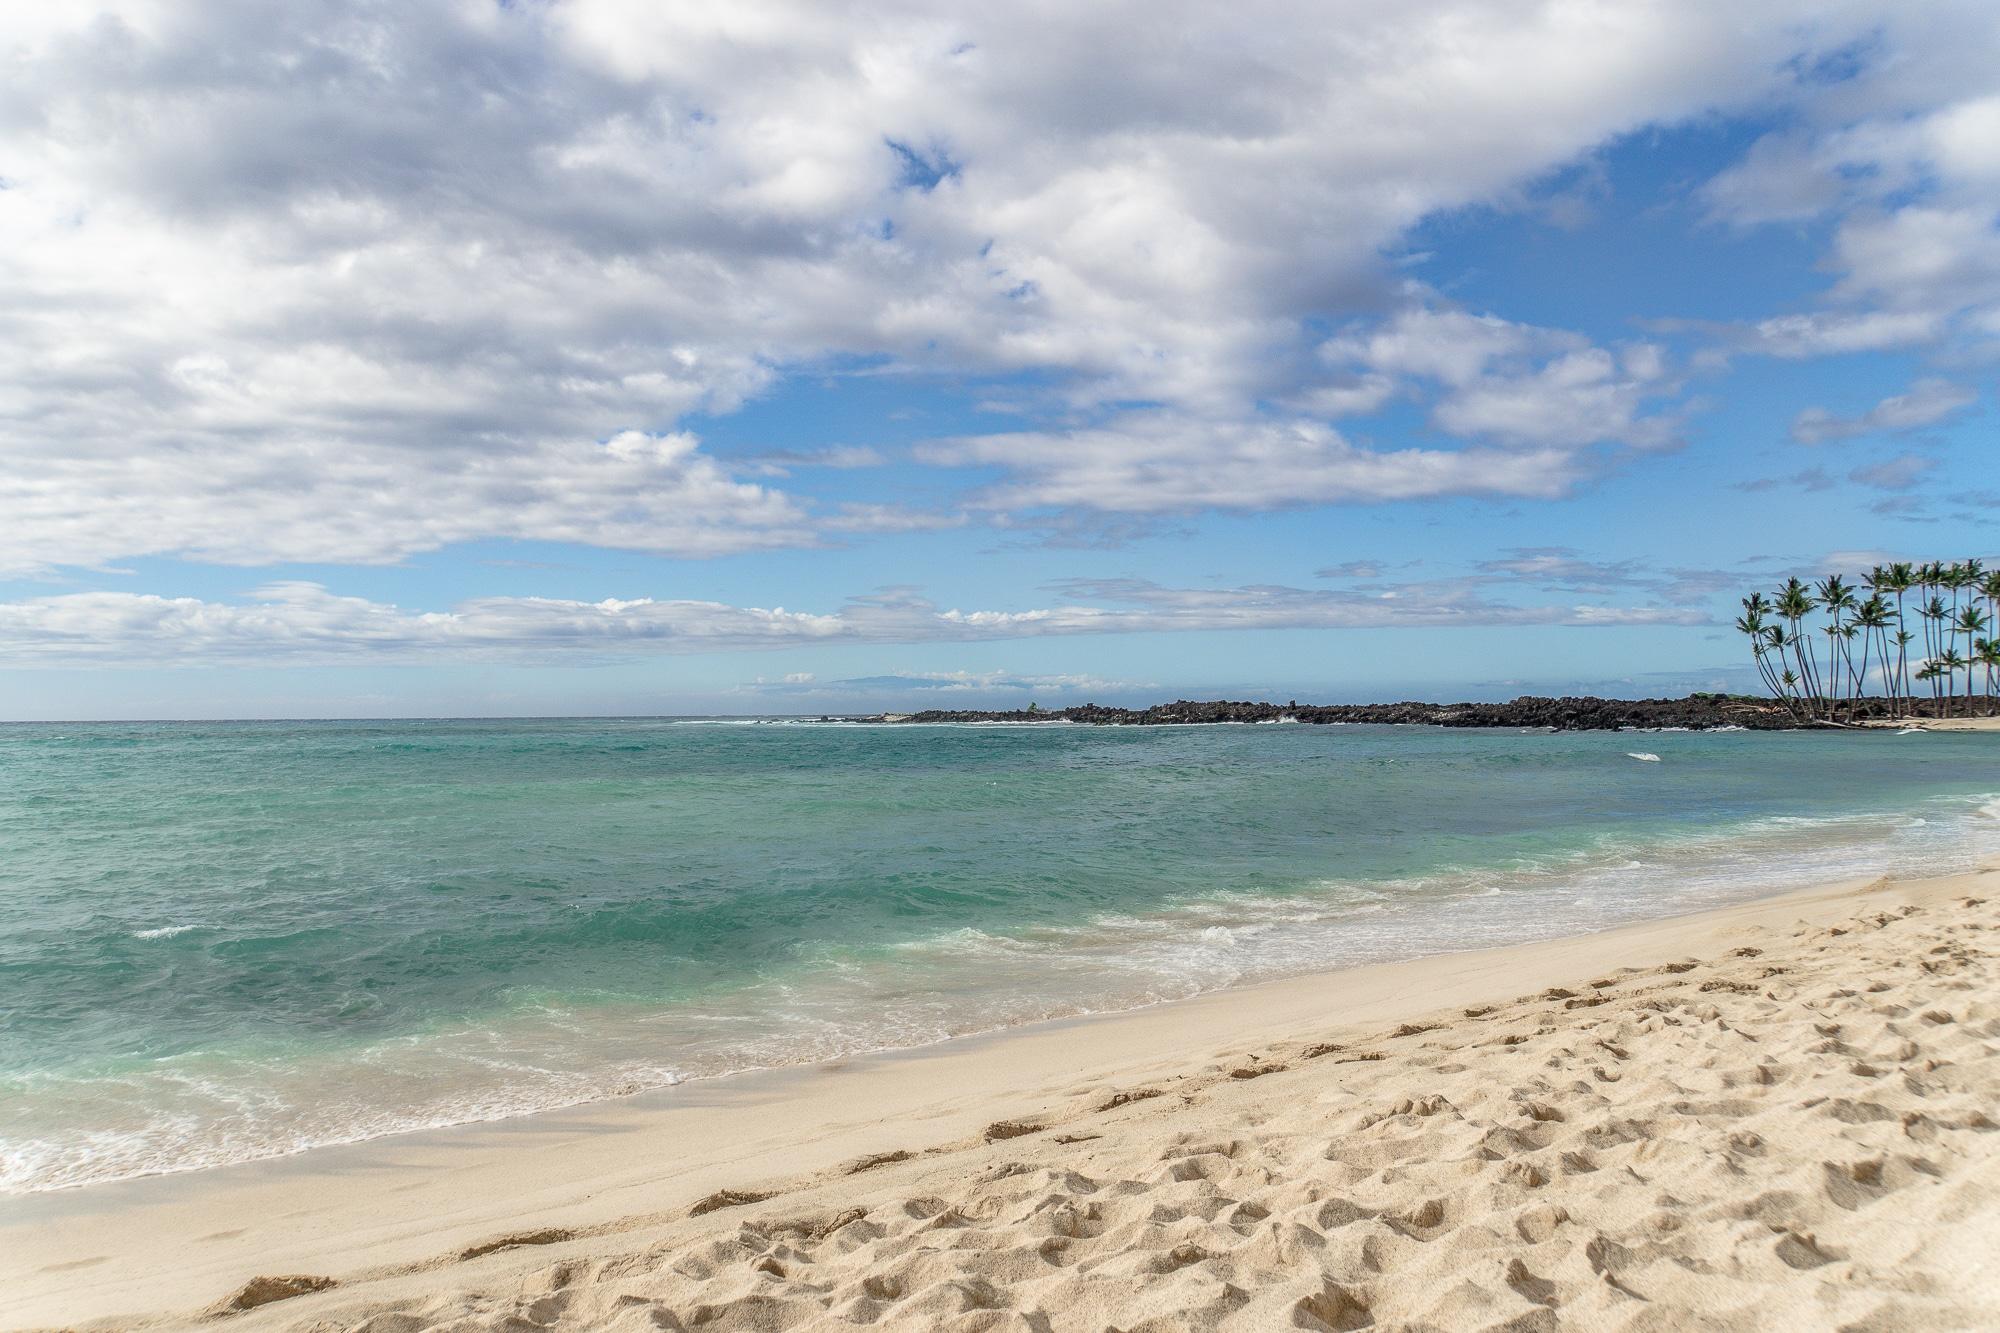 Schönste Strände auf Big Island: 6 Traumstrände für eure Hawaii Reise - Makalawena Beach